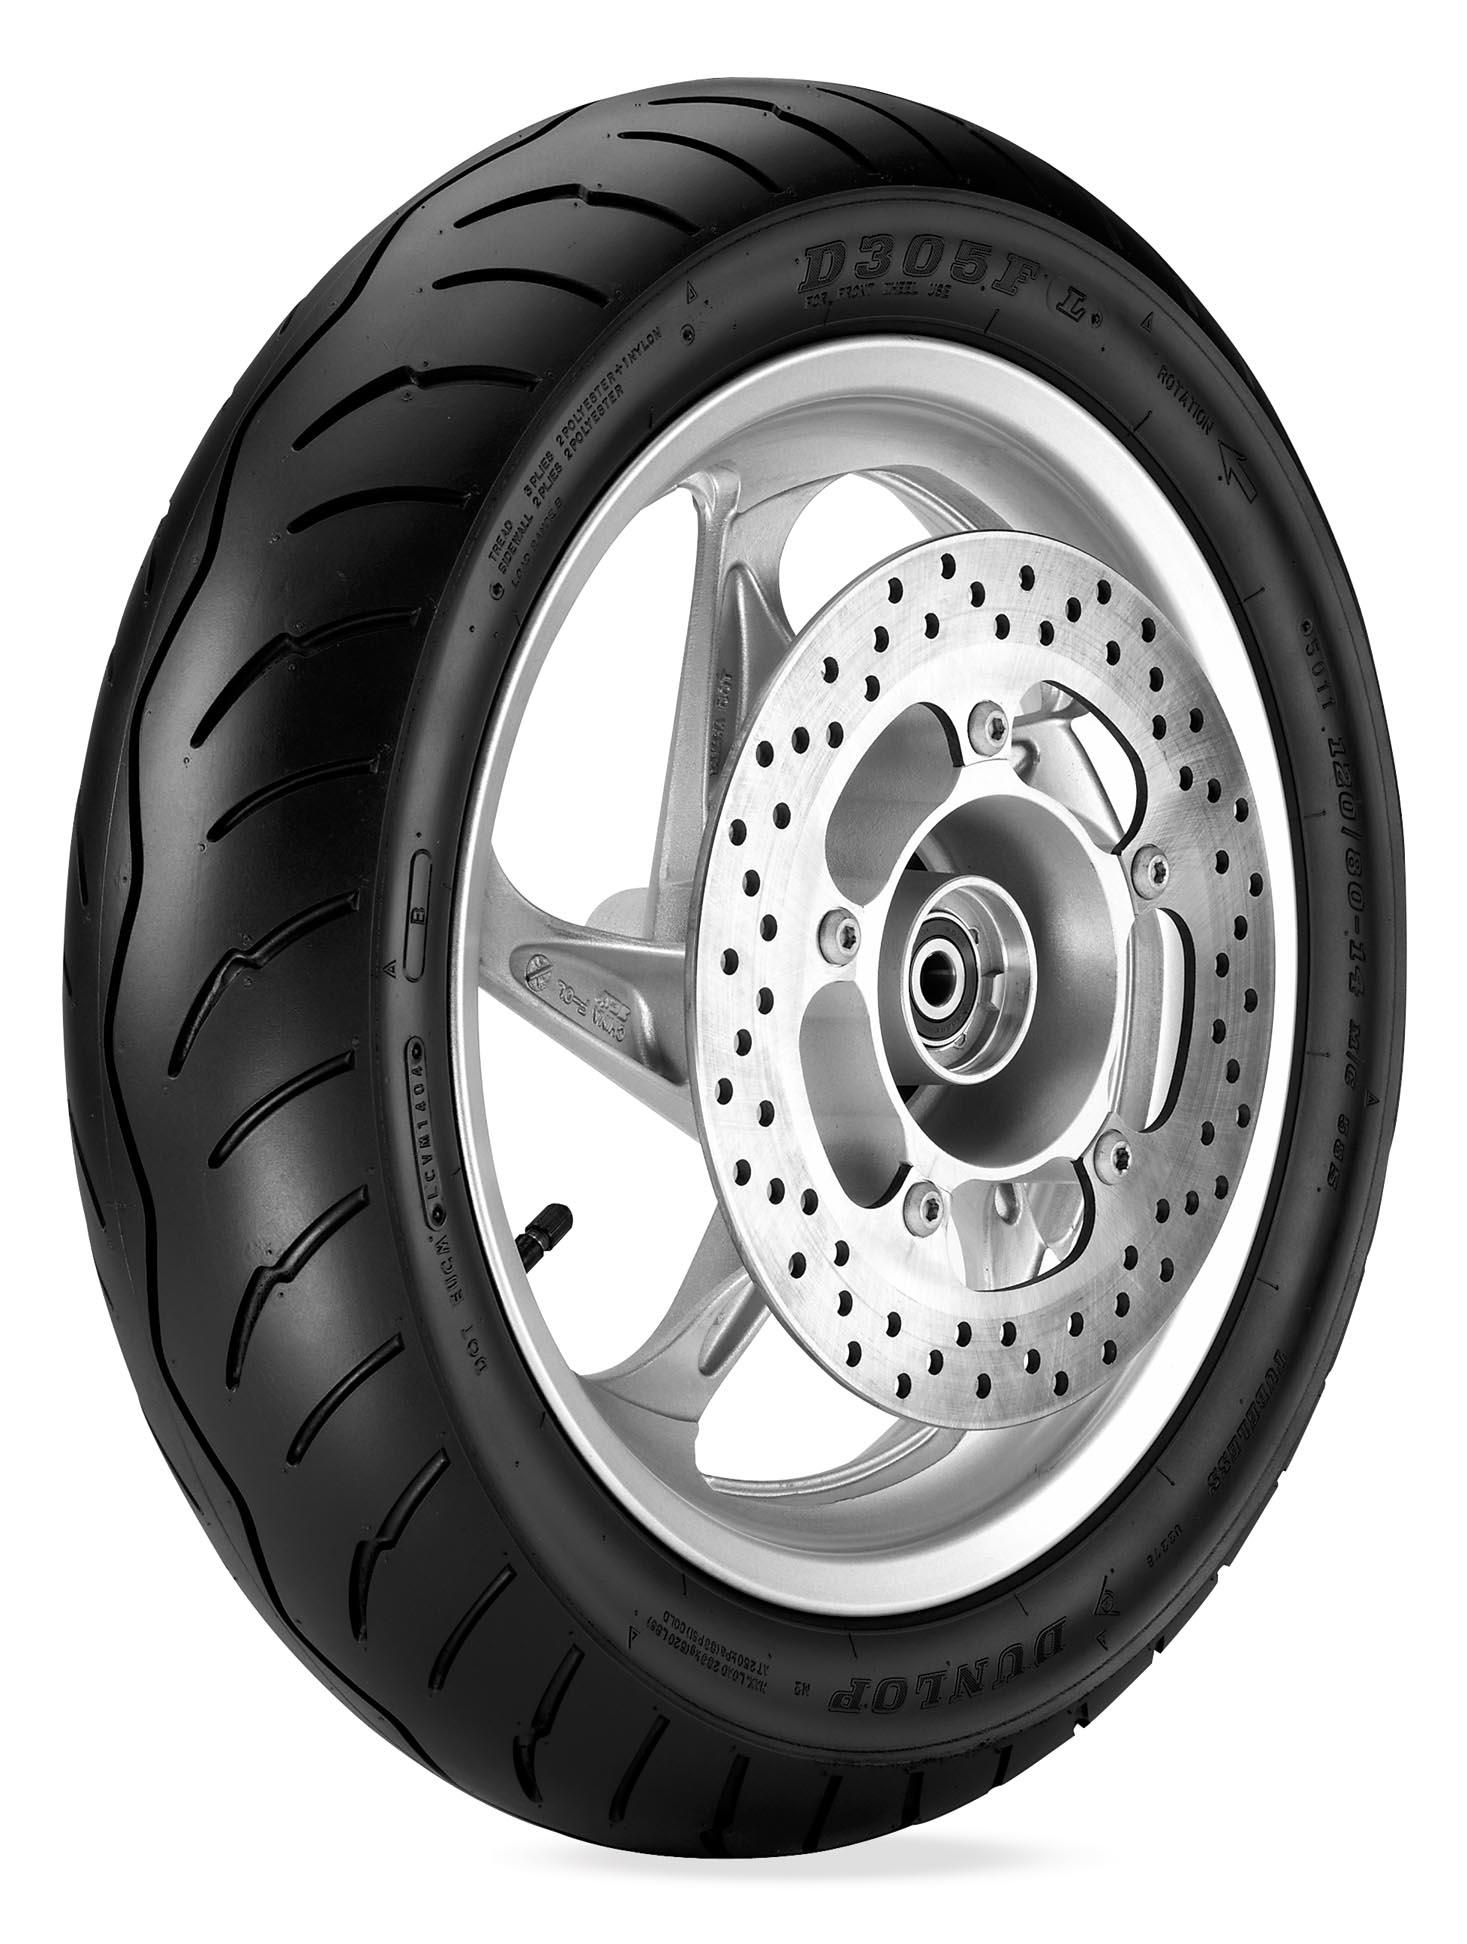 Dunlop SX01 Scooter Tire